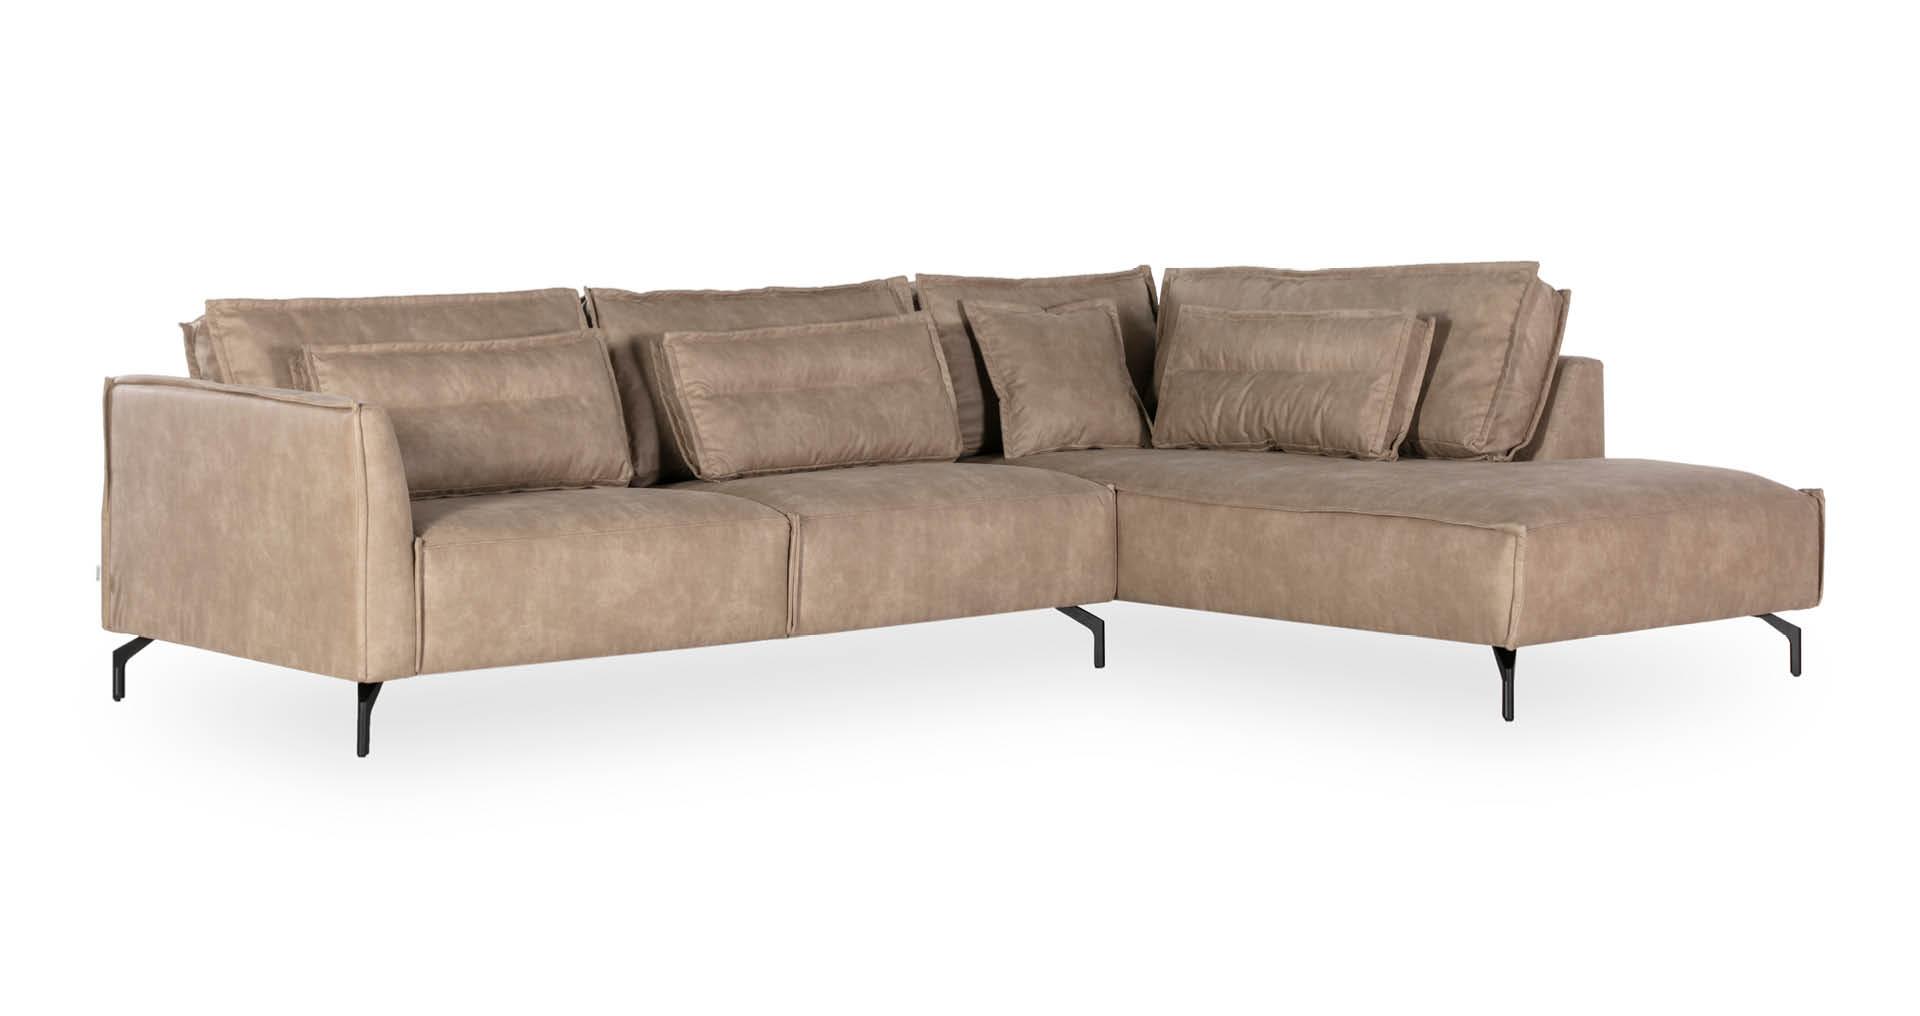 """ספה פינתית קרט צד ימין  300 ס""""מ בגוון קפוצ'ינו"""